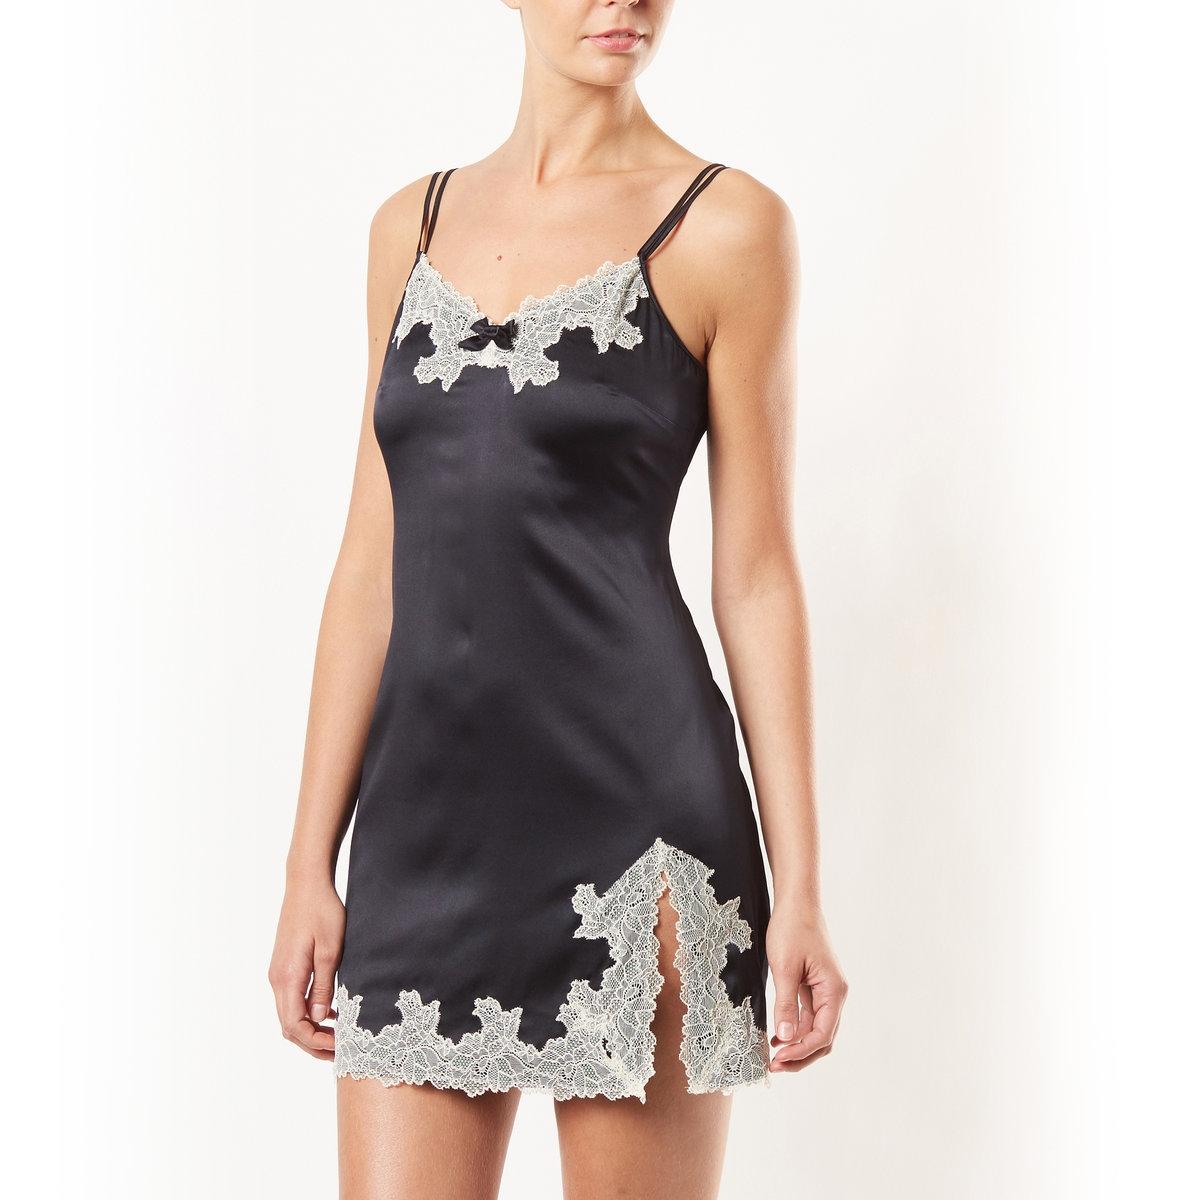 Ночная сорочка из шелка и кружеваНочная сорочка от марки ROSYНочная сорочка из шелка и кружева. 76% шелка, 14% полиамида, 10% эластана: Изящное сочетание материалов и цветов и отделка кружевом причудливой формы.                           Машинная стирка при 30°.<br><br>Цвет: синий/ черный,черный/кремовый<br>Размер: 42/44 (FR) - 48/50 (RUS)